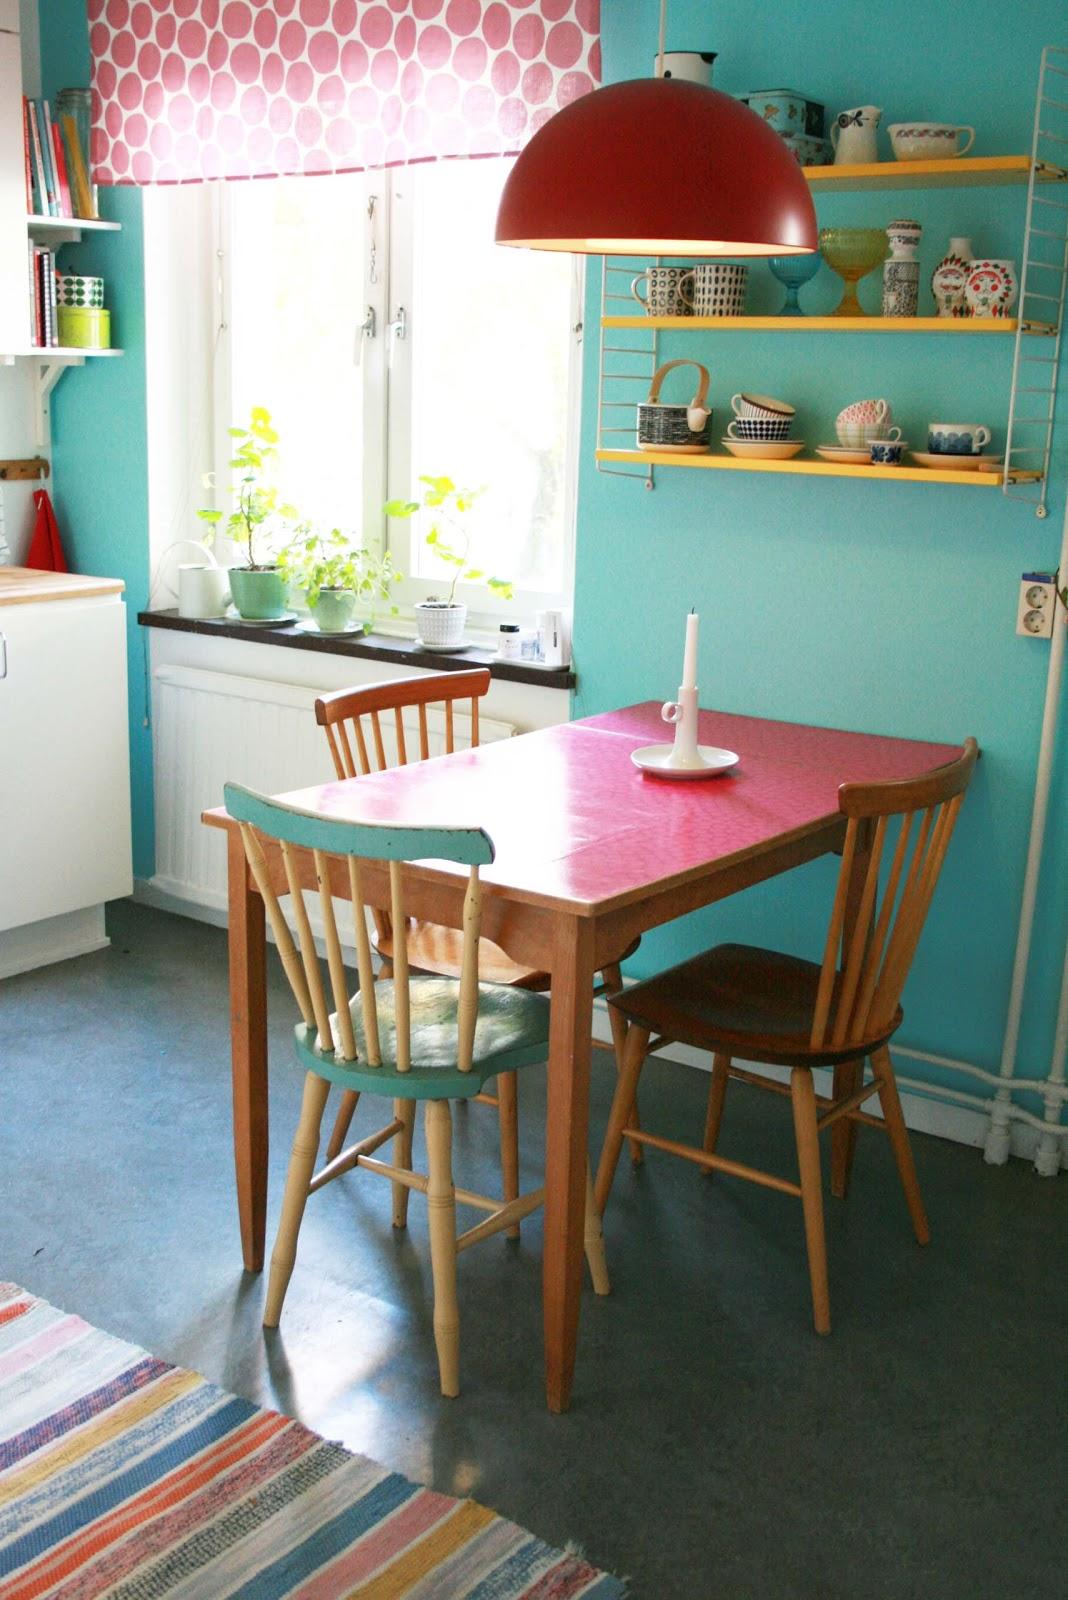 Fint Koksgolv : fint koksgolv  Det hor or vort nuvarande koksbord Fint po alla